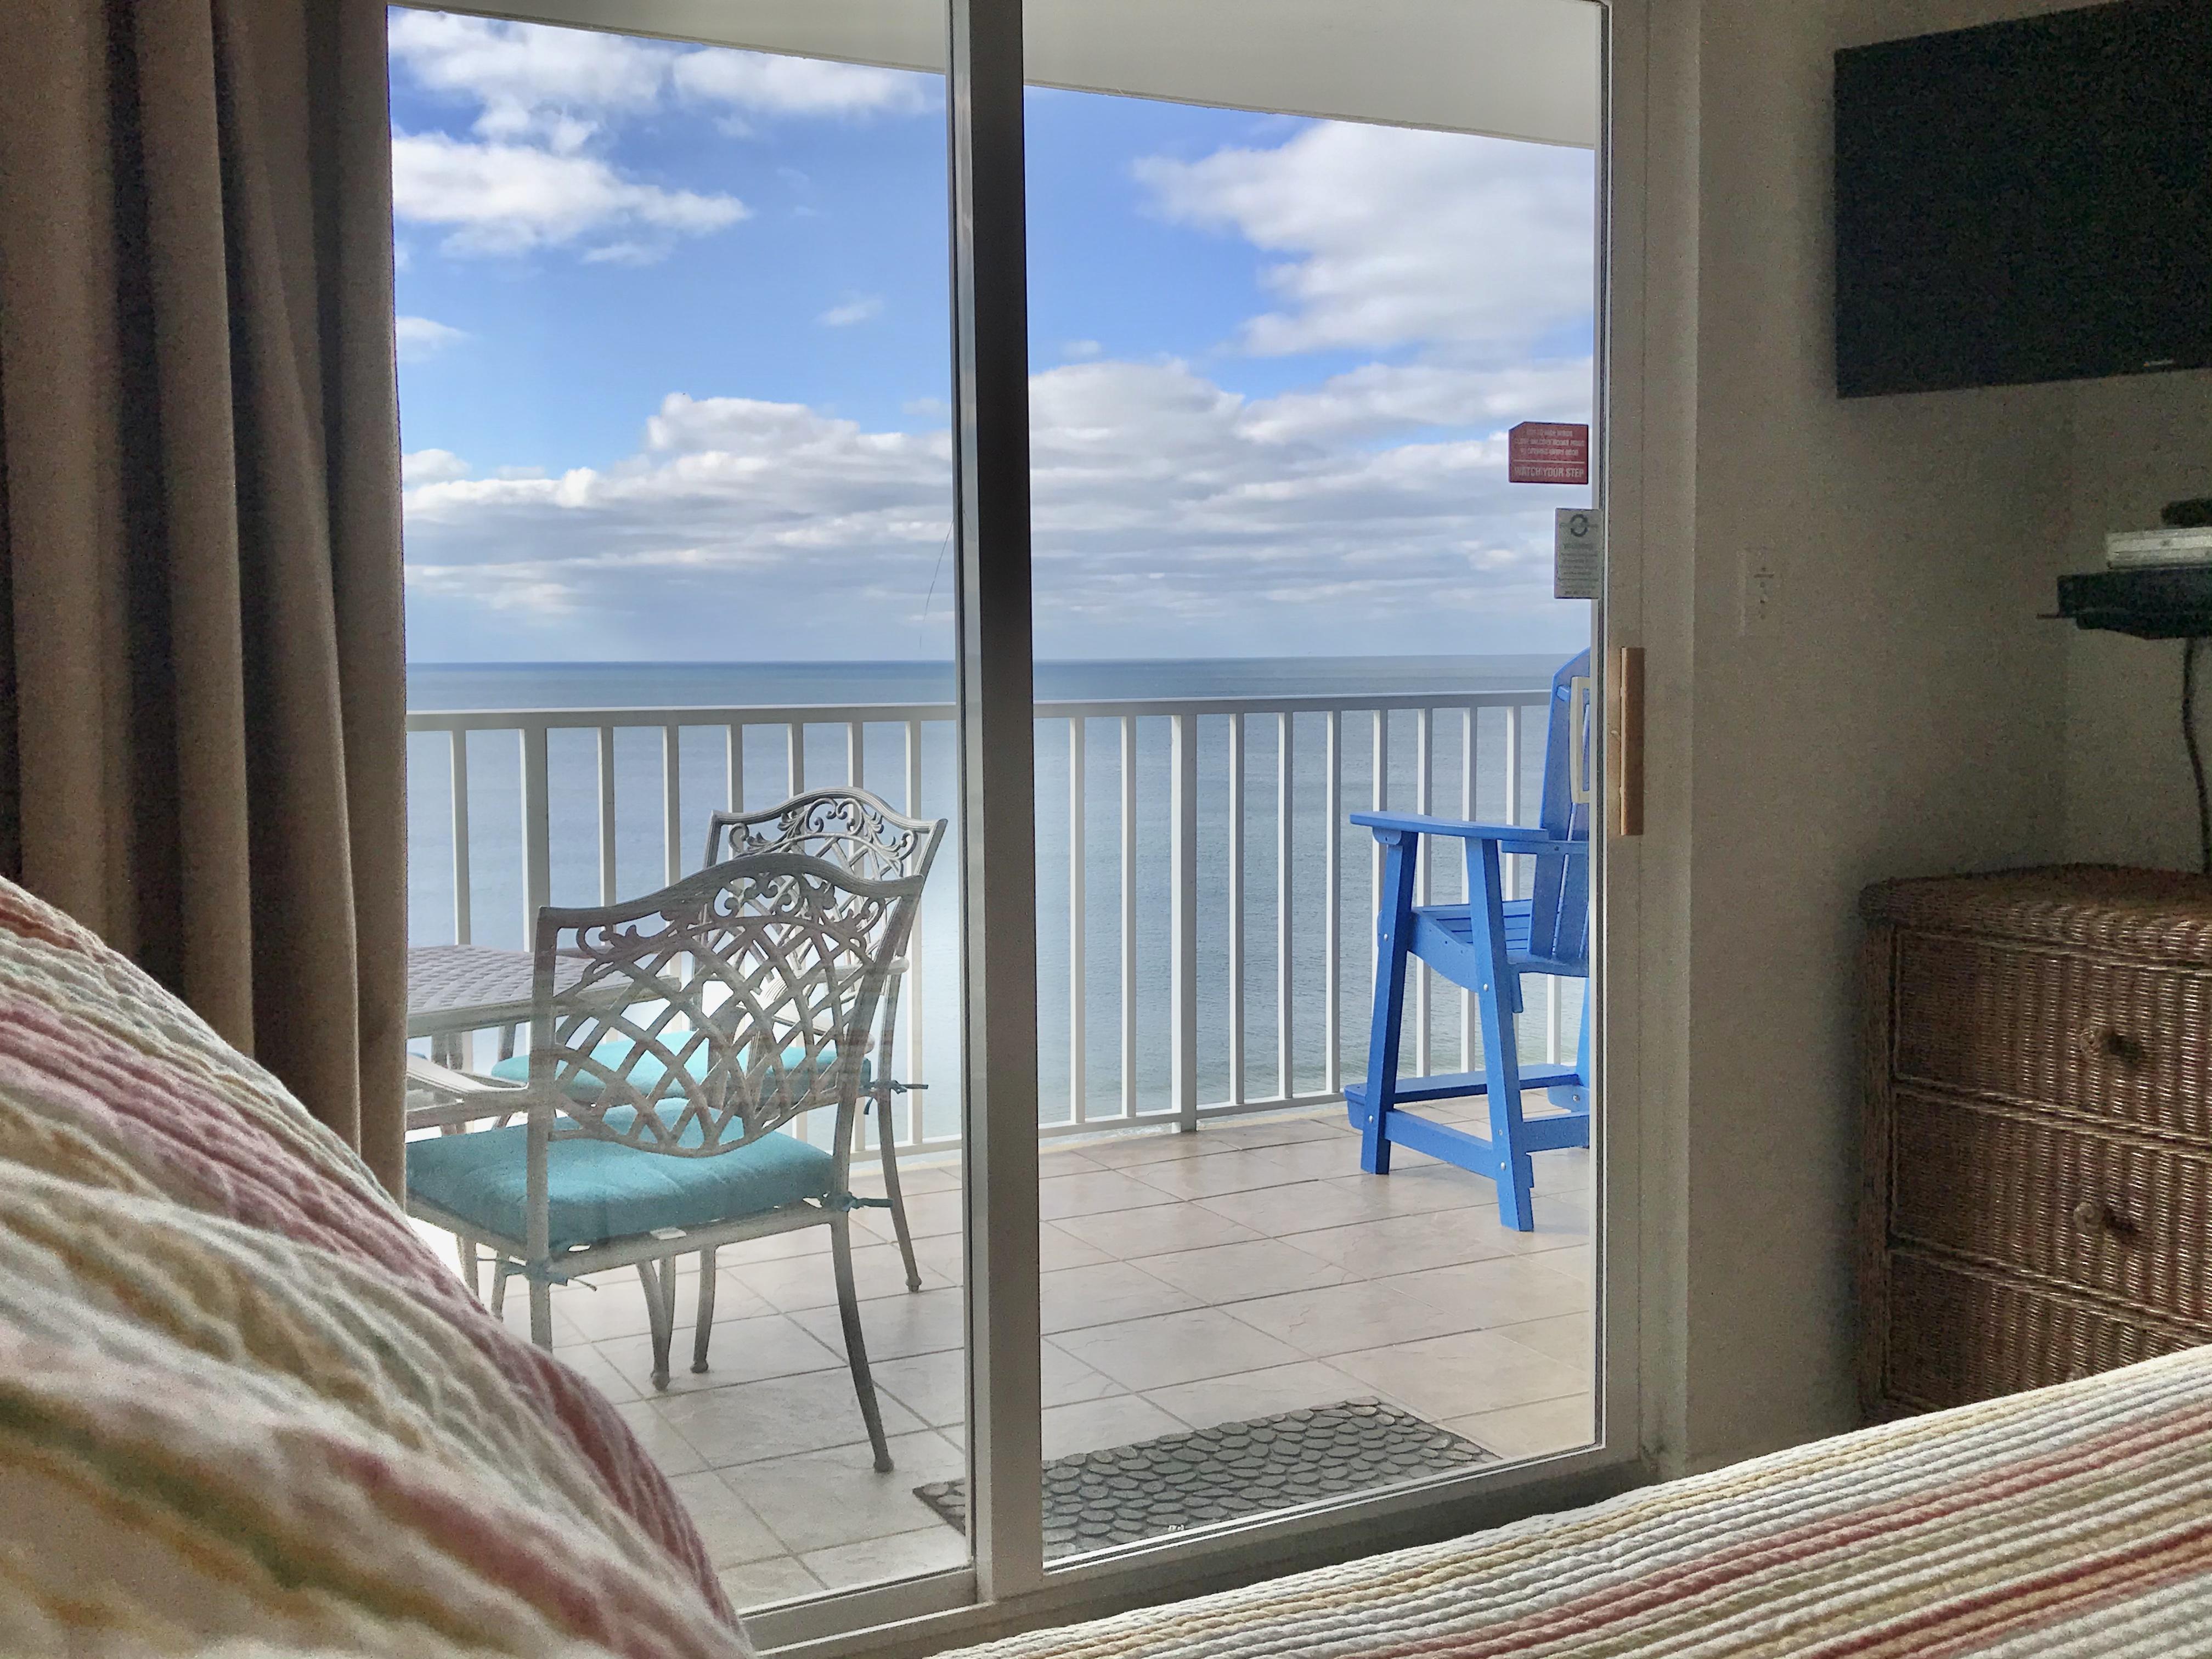 Ocean House 1905 Condo rental in Ocean House - Gulf Shores in Gulf Shores Alabama - #34